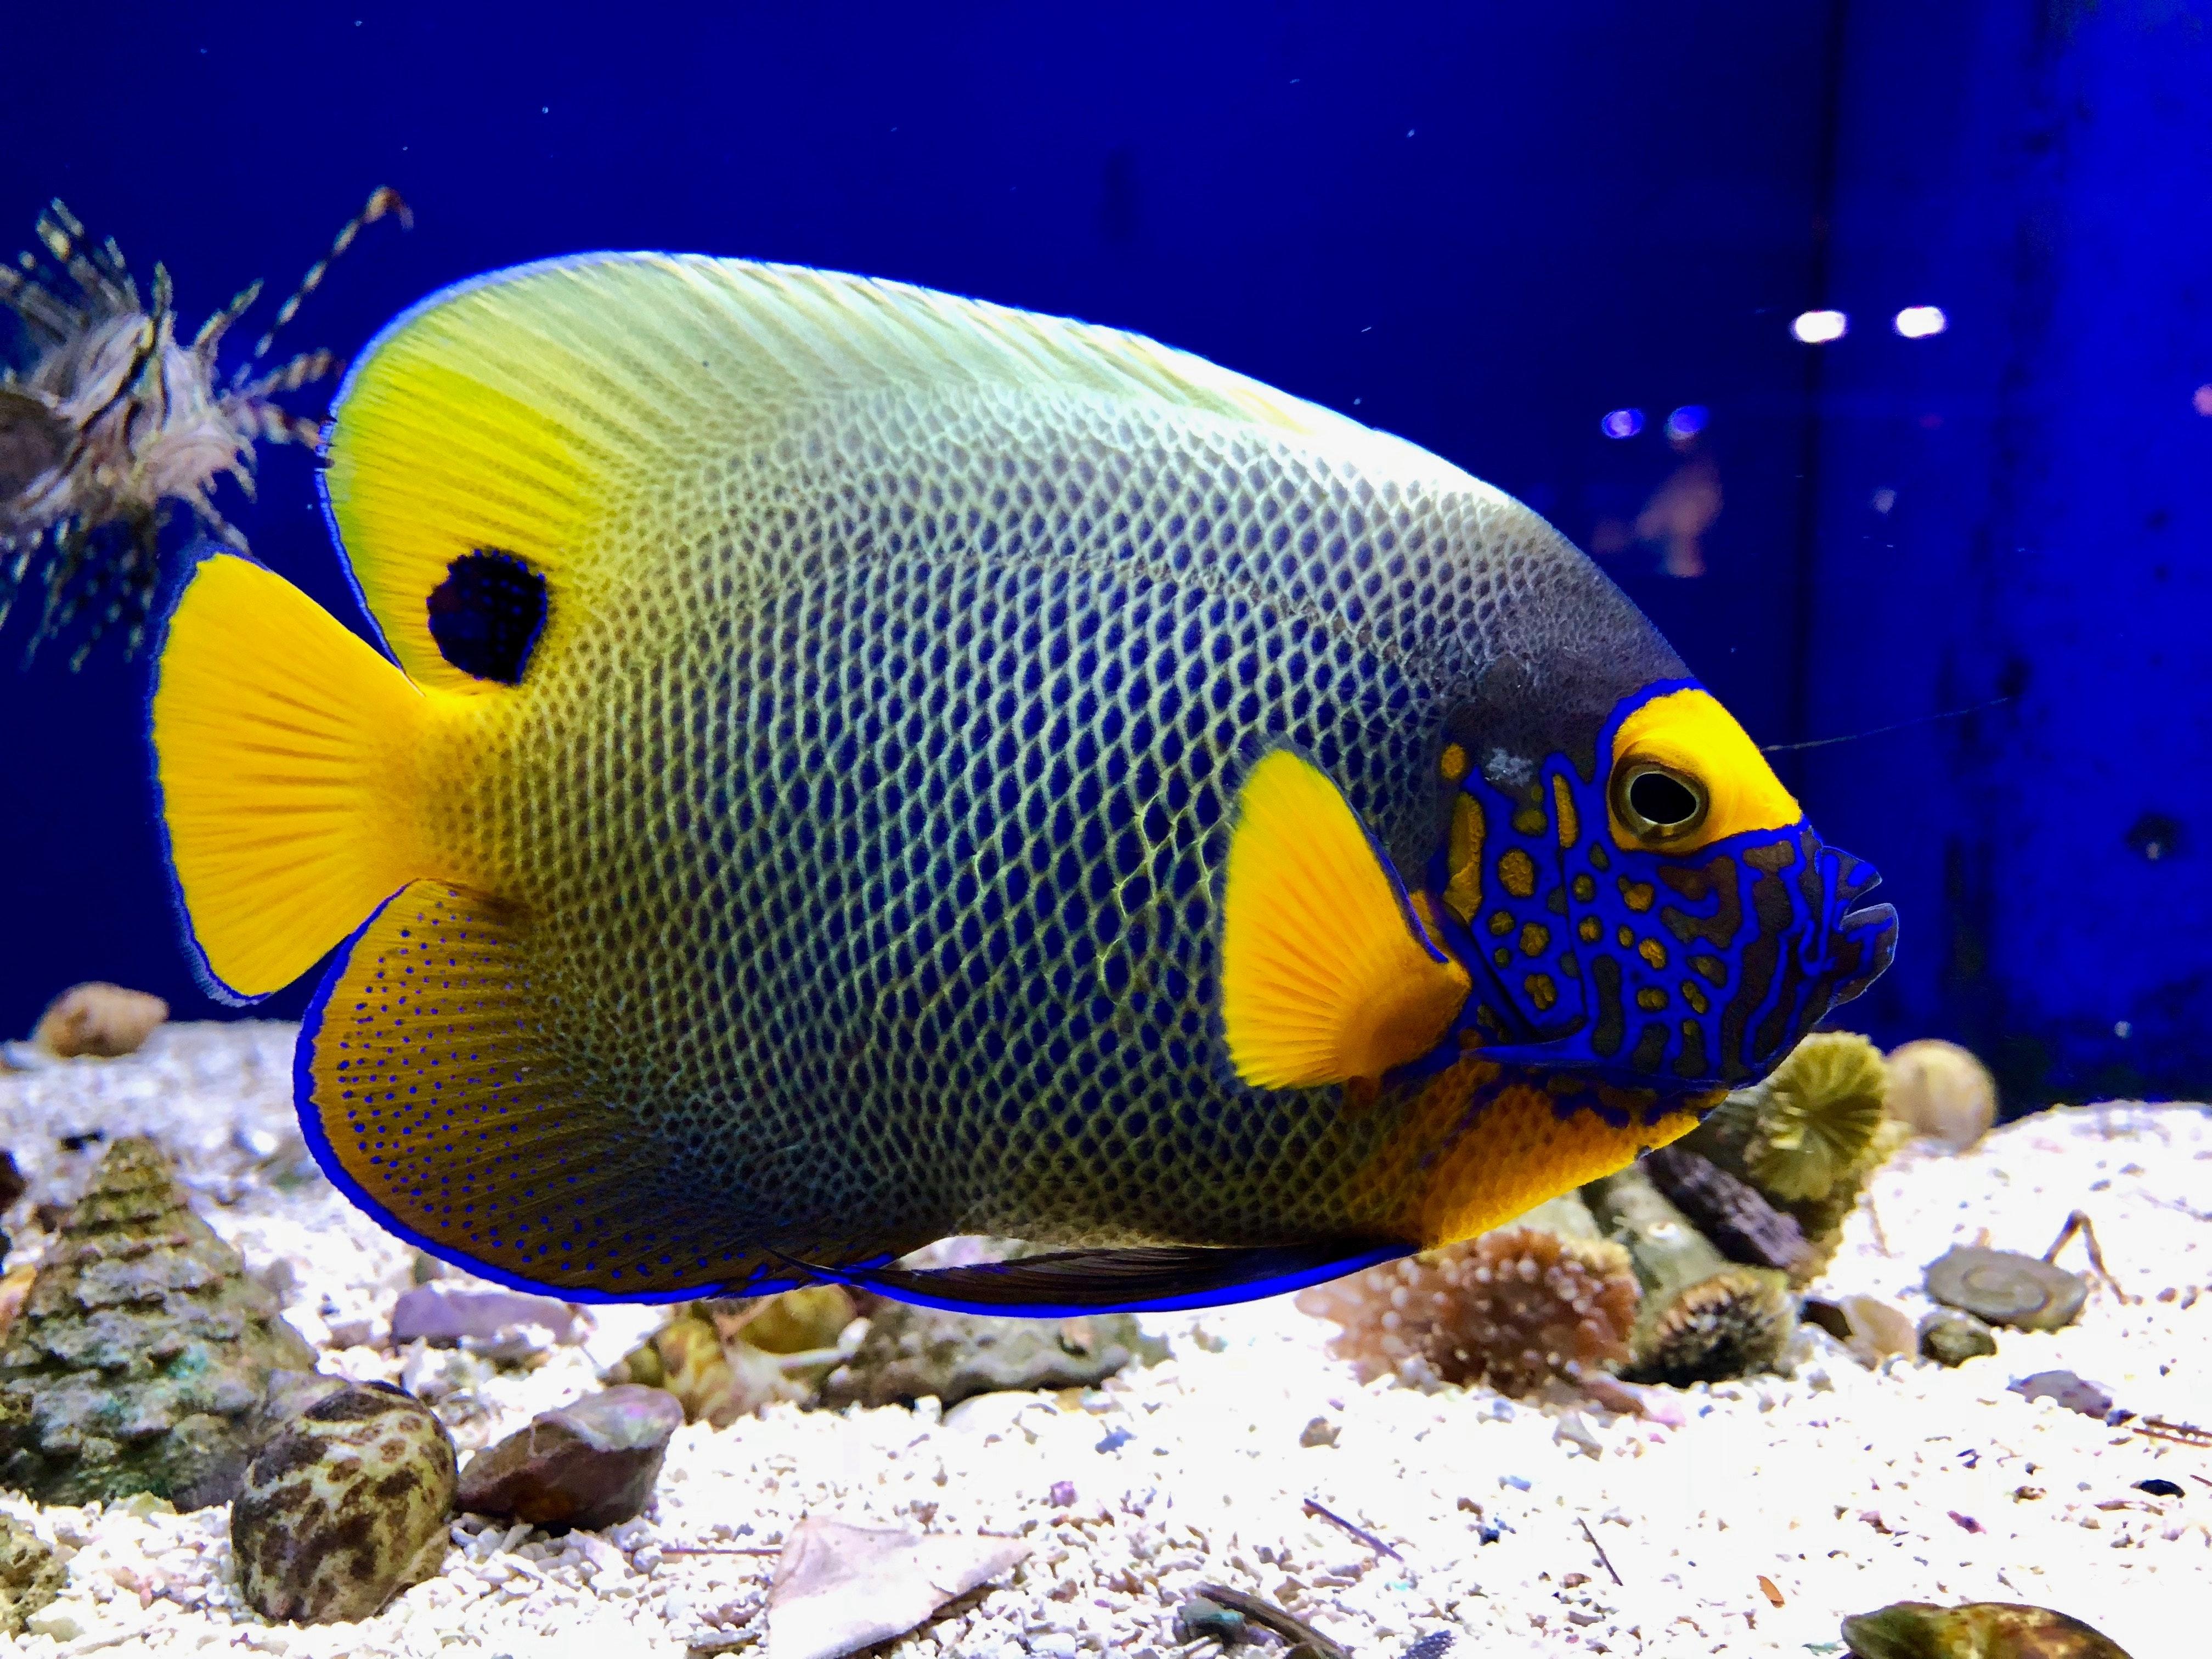 Download 40 Gambar Ikan Laut HD Terpopuler